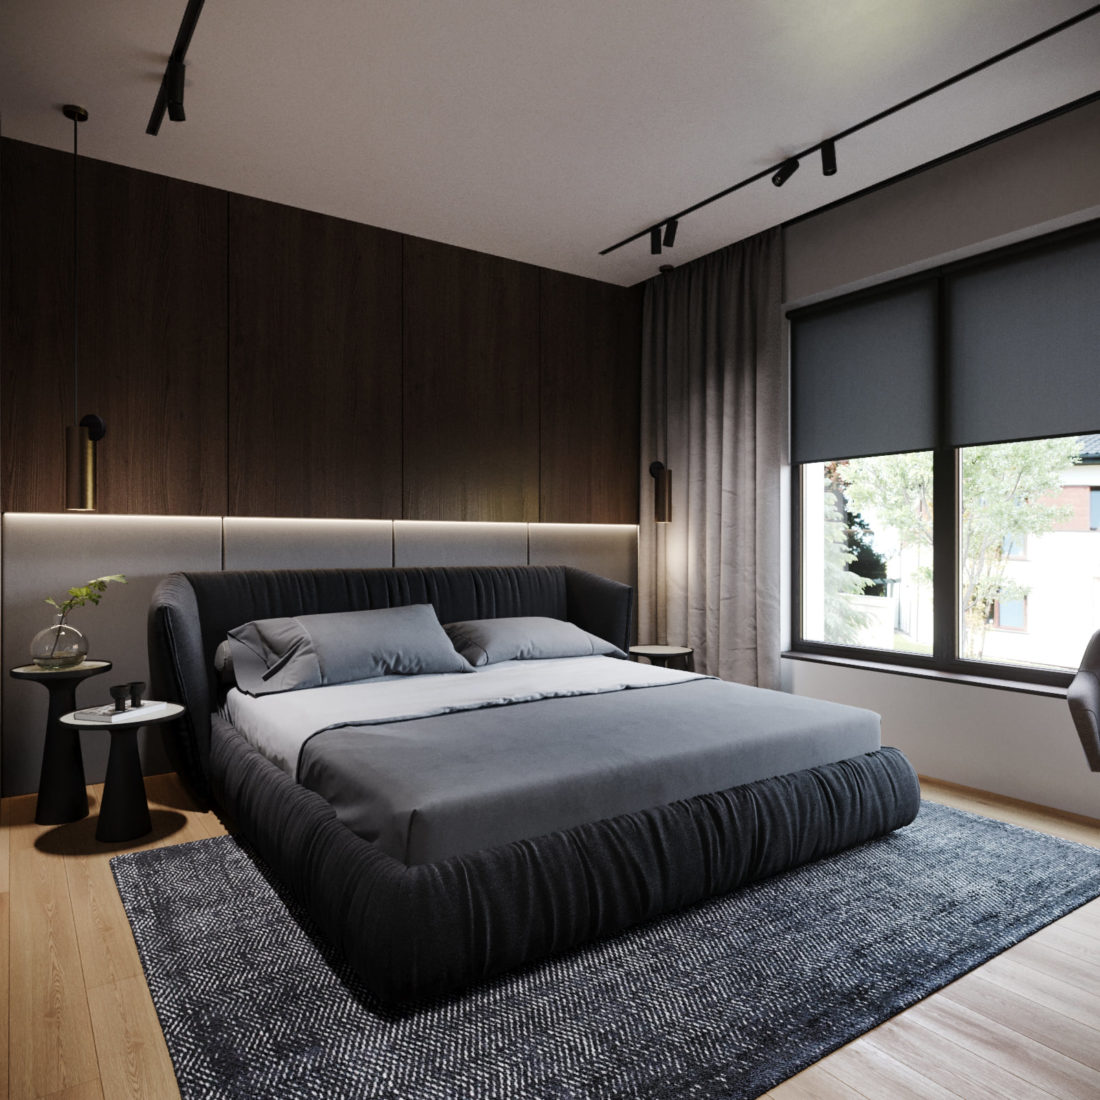 Кровать Too night в интерьере фото 4-1